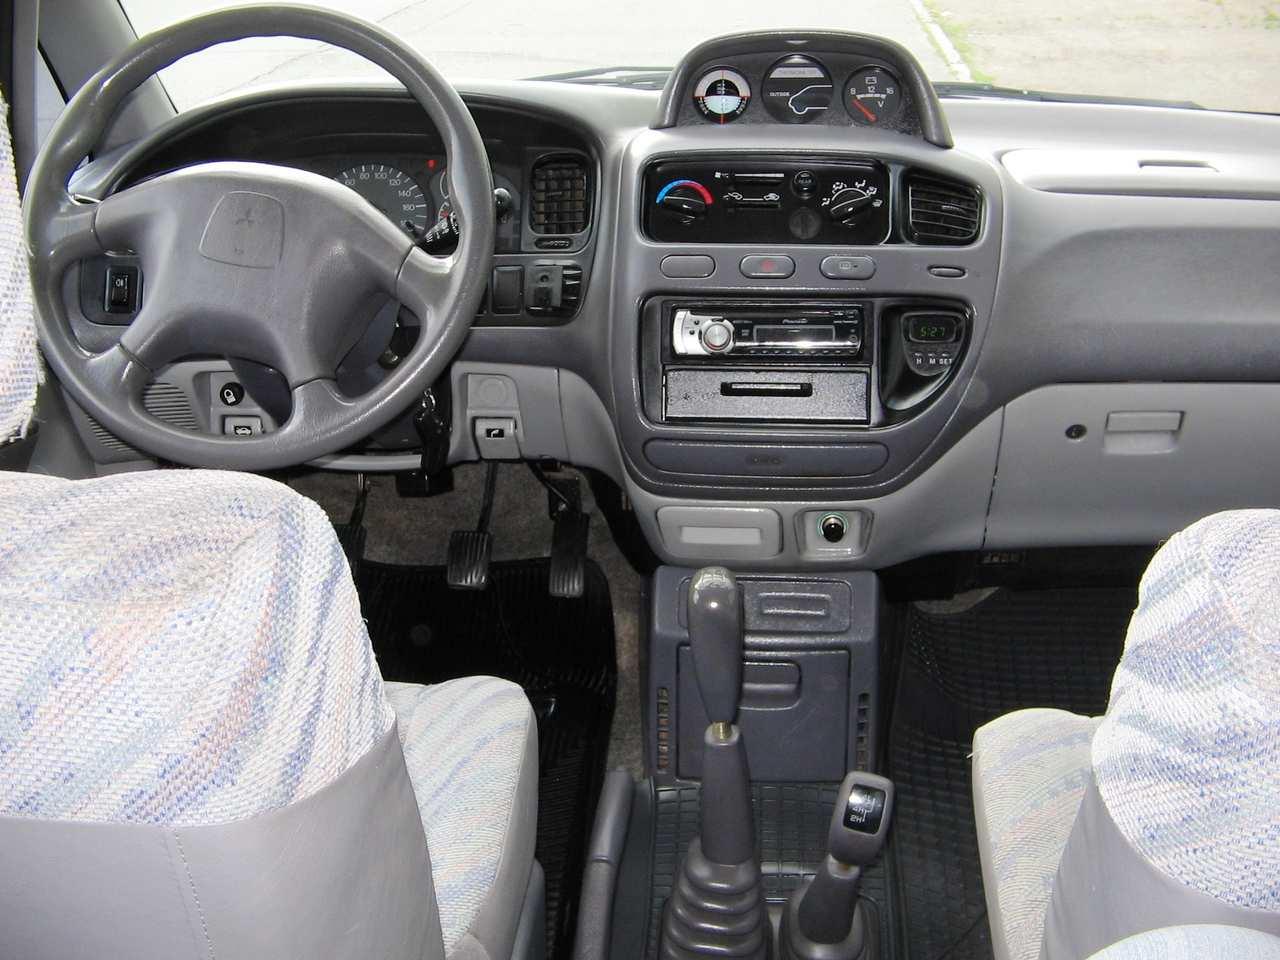 2000 mitsubishi space gear photos 2 5 diesel manual for sale rh cars directory net Chaminix 1994 Mitsubishi Delica L300 2017 Mitsubishi Delica